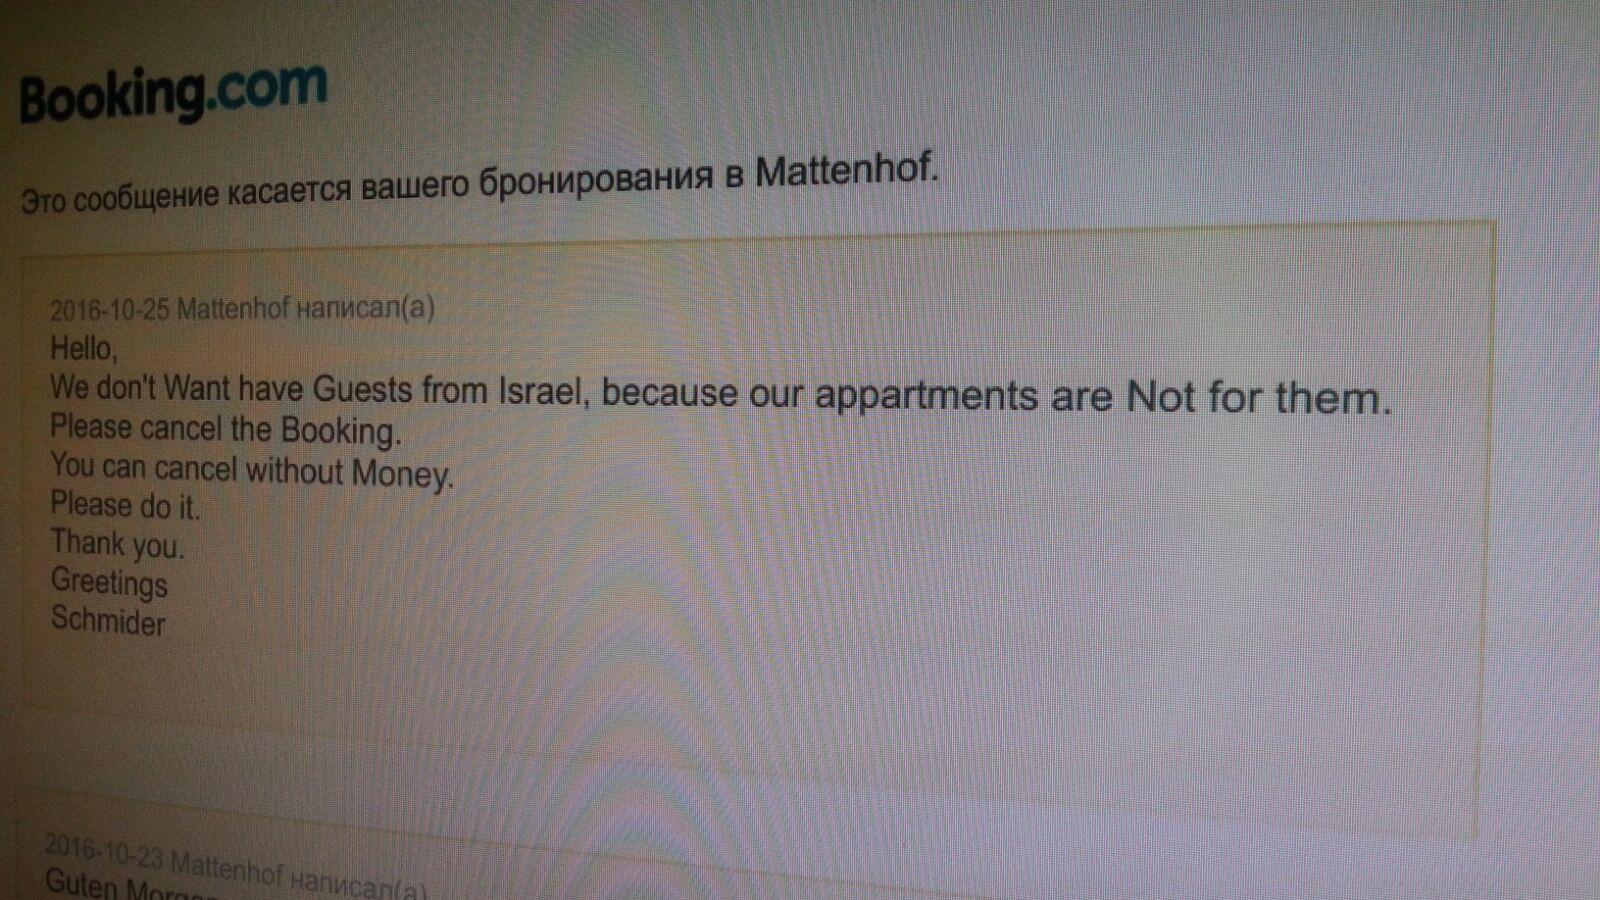 Ferienhof lehnt israelische Gäste ab – Große Empörung im Internet